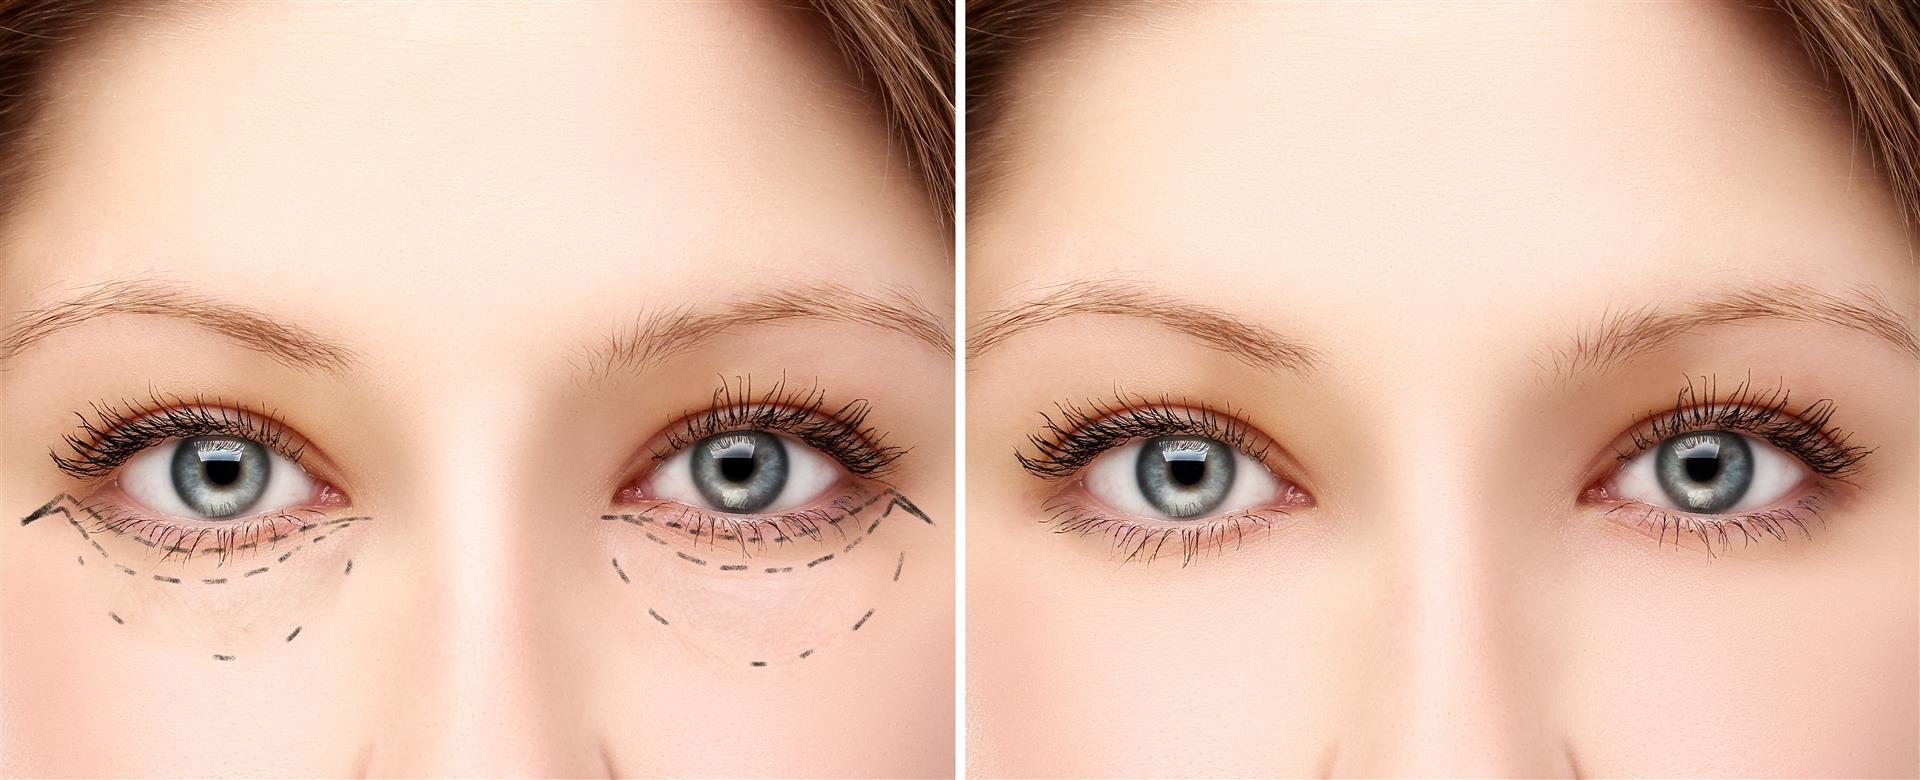 hogyan lehet elveszíteni a felső szemhéj zsírját